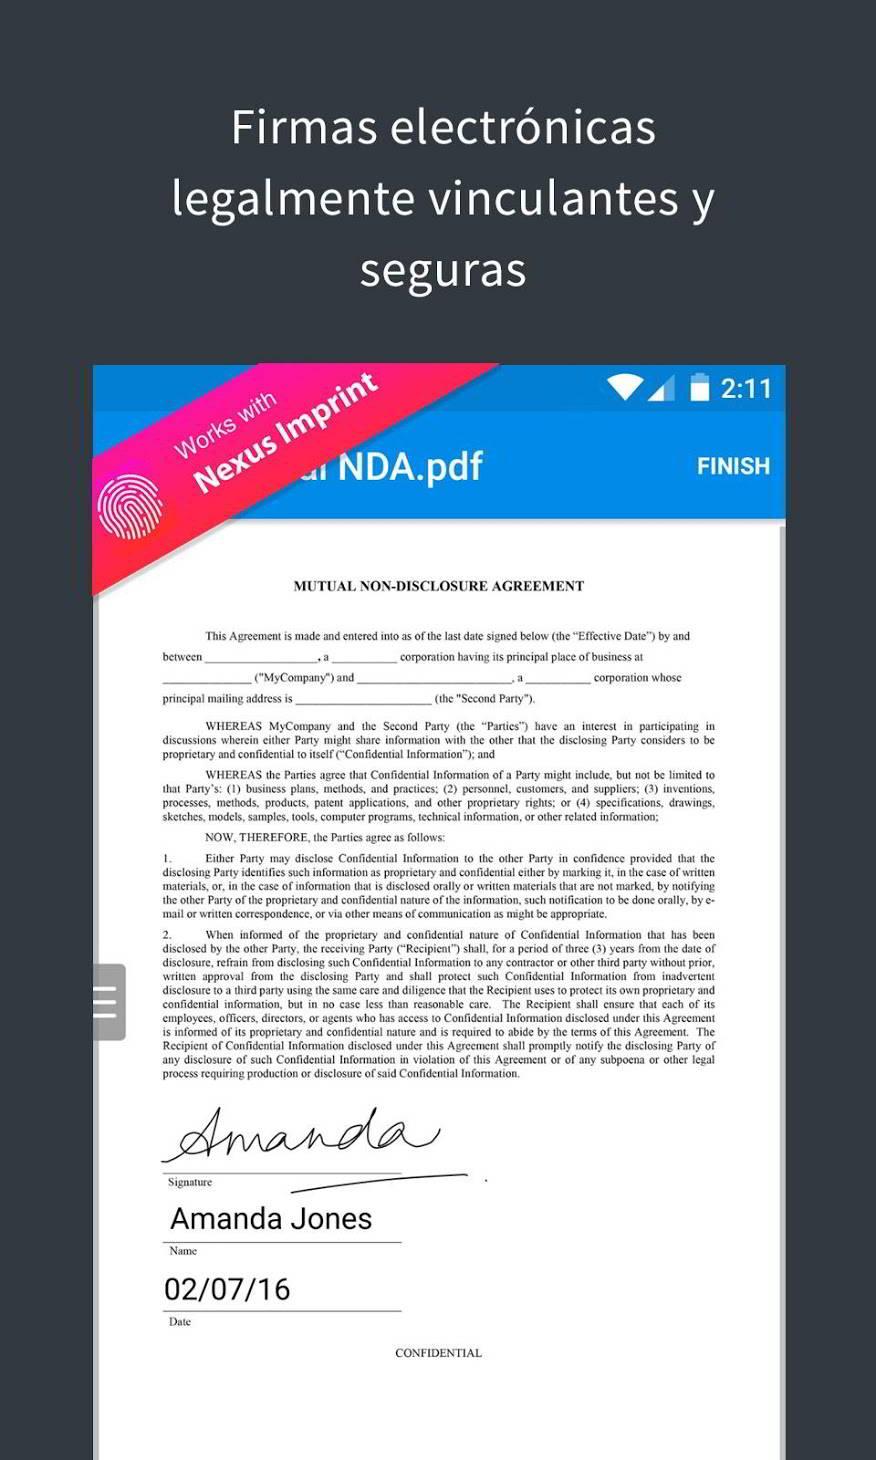 5 aplicaciones para firmar documentos en Android 2